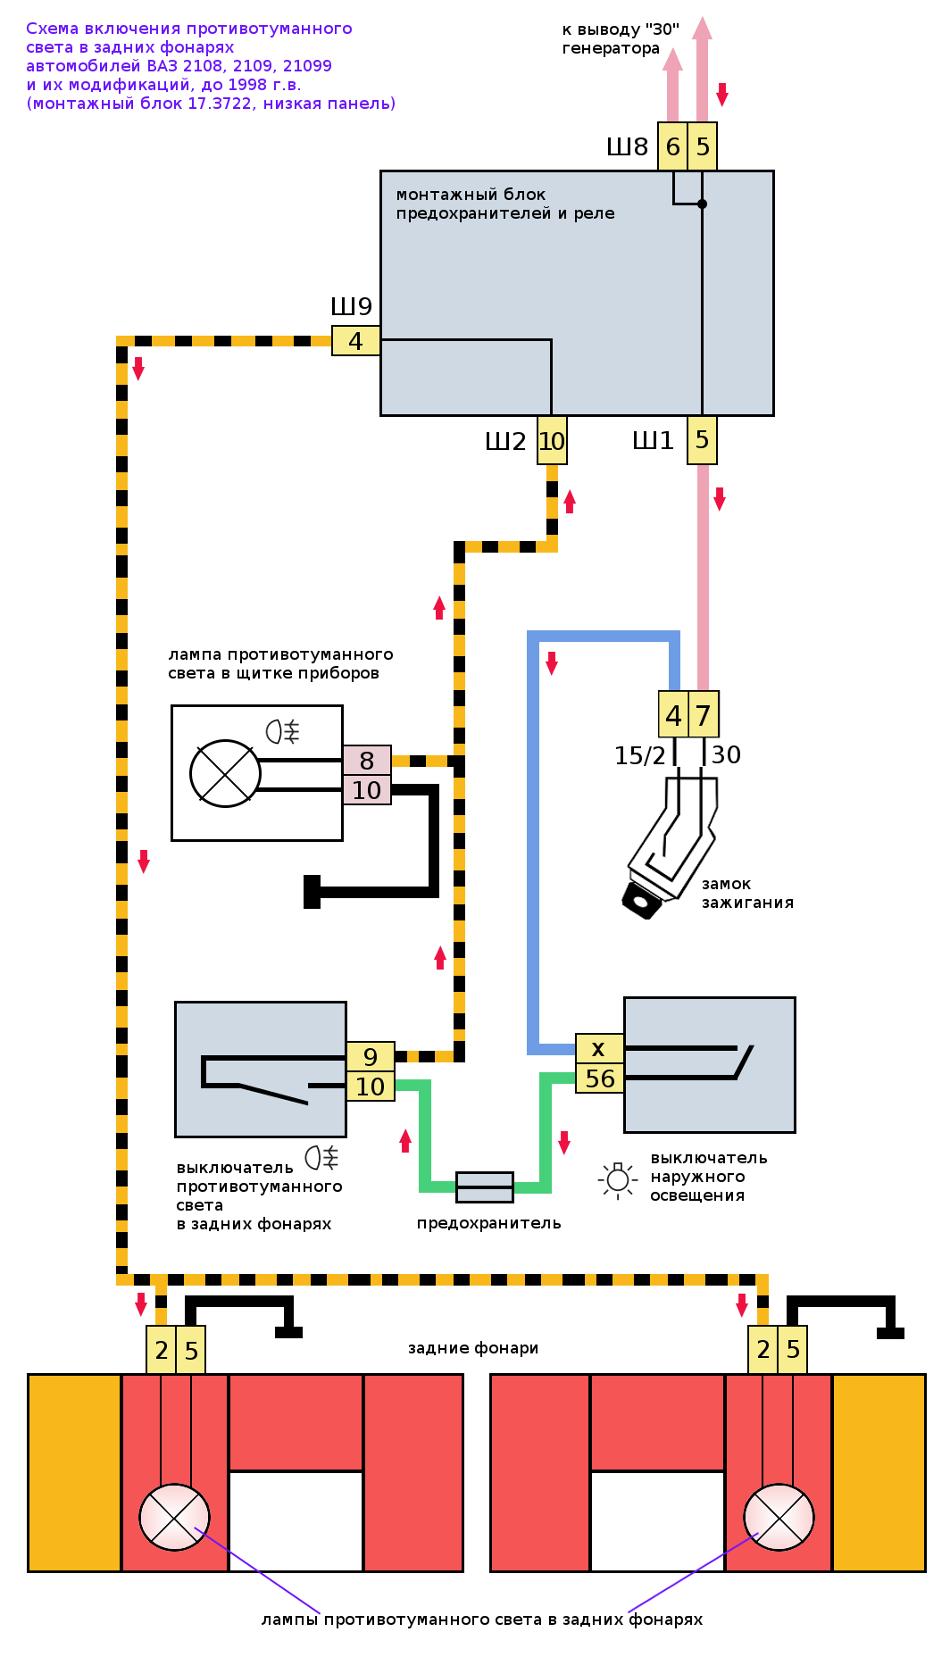 схема противотуманный свет 2108, 2109